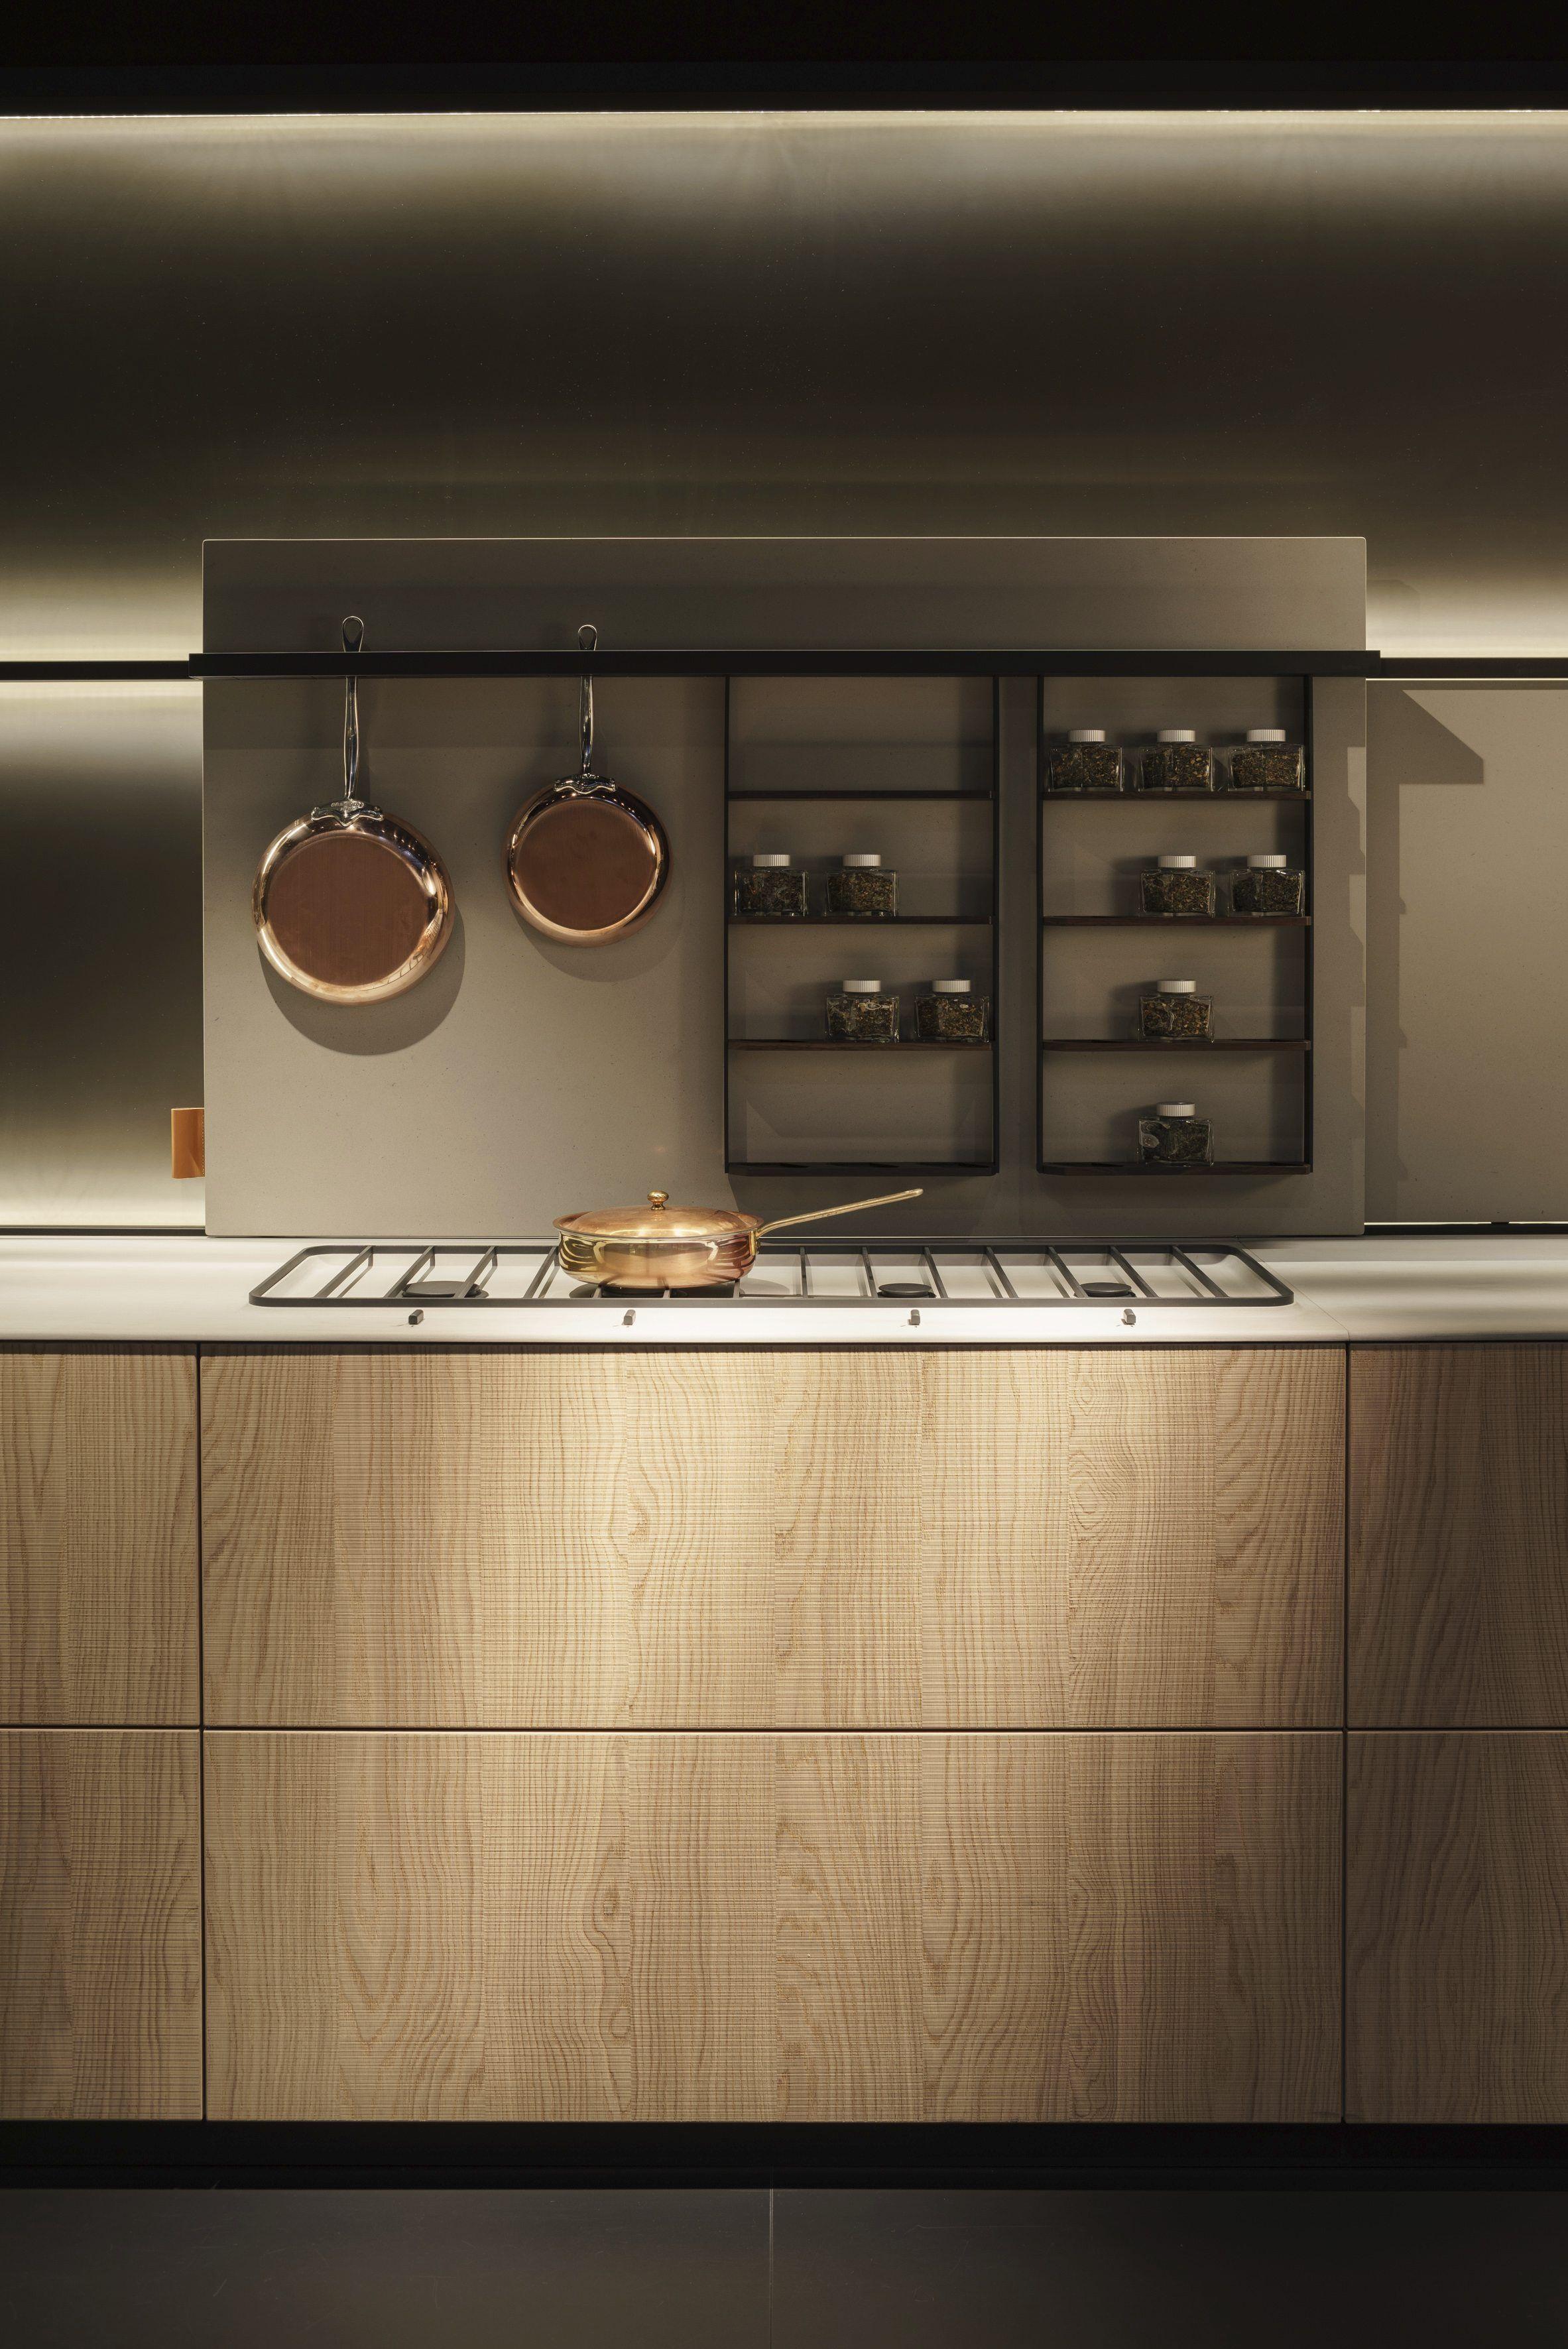 Schlichte Holz-Küche mit Kochinsel in modernem Design | Kueche ...